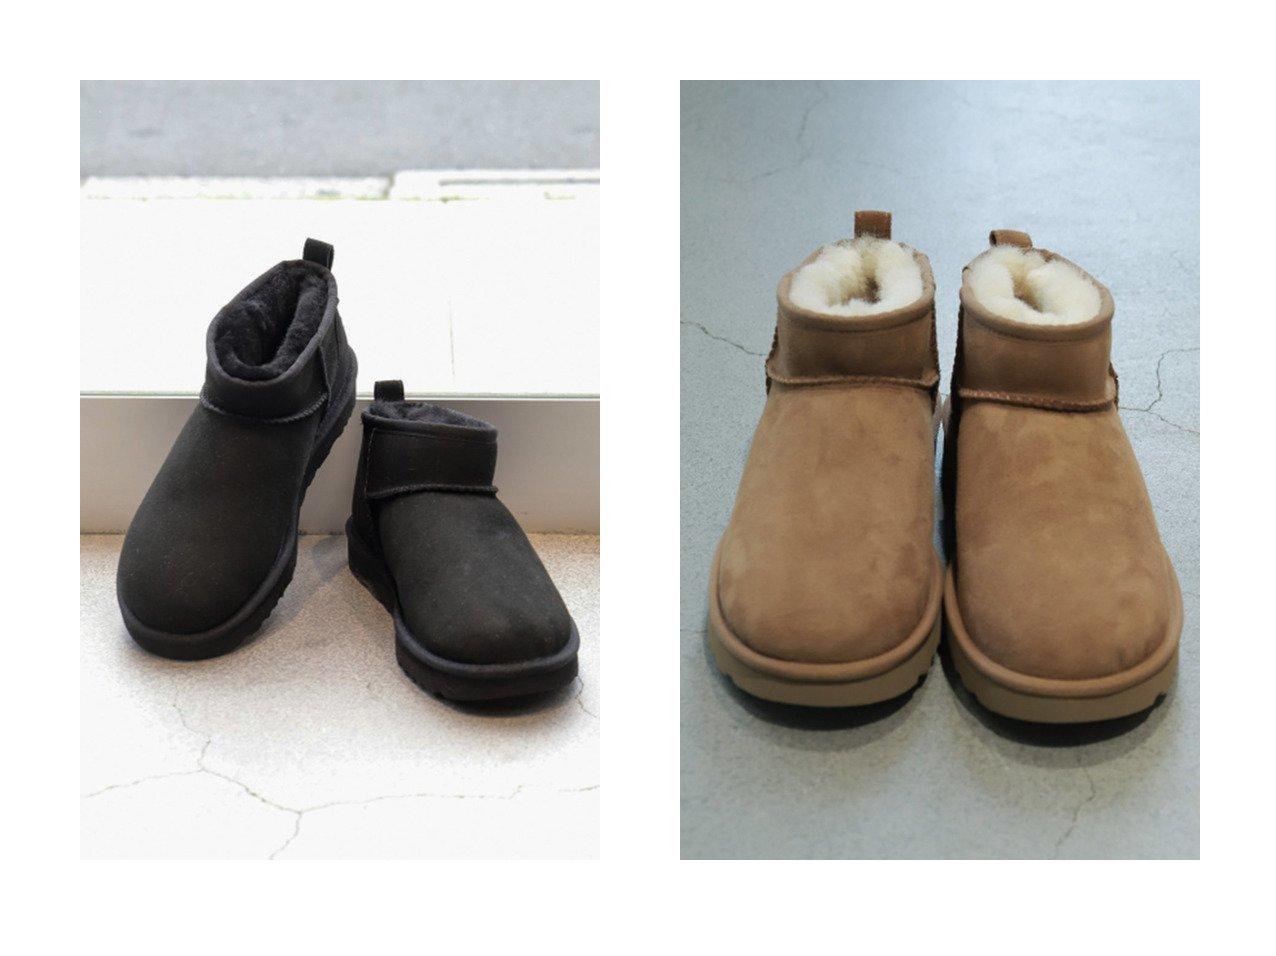 【Chaos/カオス】の【UGG】Classic Mini ムートンブーツ 【シューズ・靴】おすすめ!人気、トレンド・レディースファッションの通販 おすすめで人気の流行・トレンド、ファッションの通販商品 インテリア・家具・メンズファッション・キッズファッション・レディースファッション・服の通販 founy(ファニー) https://founy.com/ ファッション Fashion レディースファッション WOMEN アシンメトリー インソール クッション クラシック スエード ライニング ラグジュアリー A/W・秋冬 AW・Autumn/Winter・FW・Fall-Winter 2021年 2021 2021-2022秋冬・A/W AW・Autumn/Winter・FW・Fall-Winter・2021-2022  ID:crp329100000054581